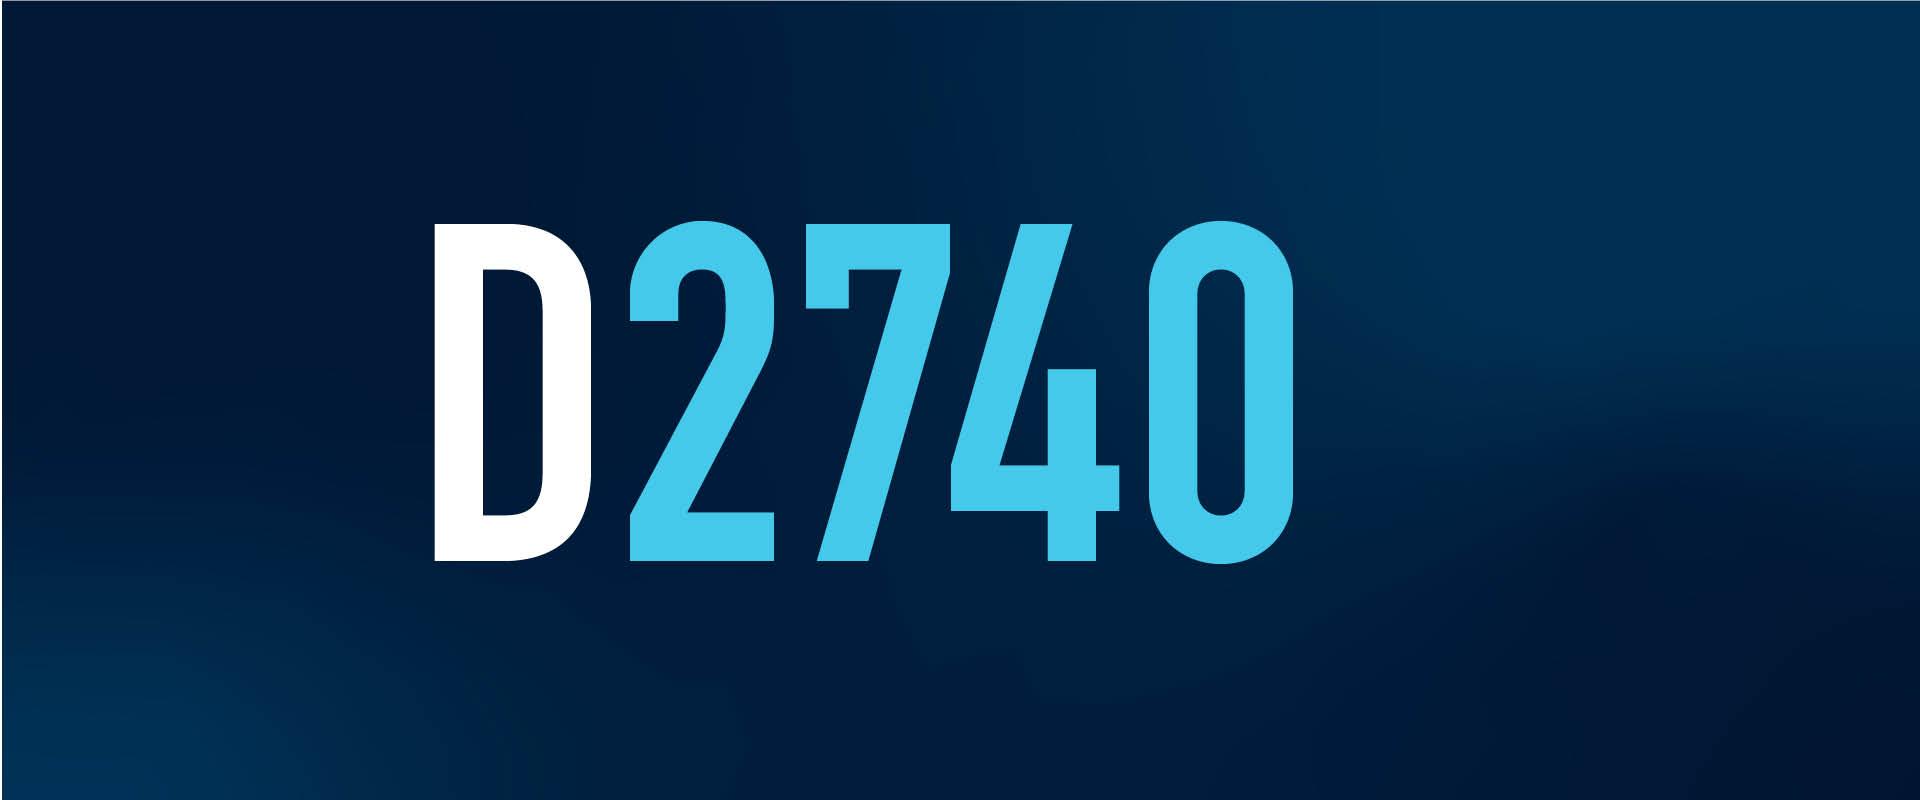 R184 8.D2740